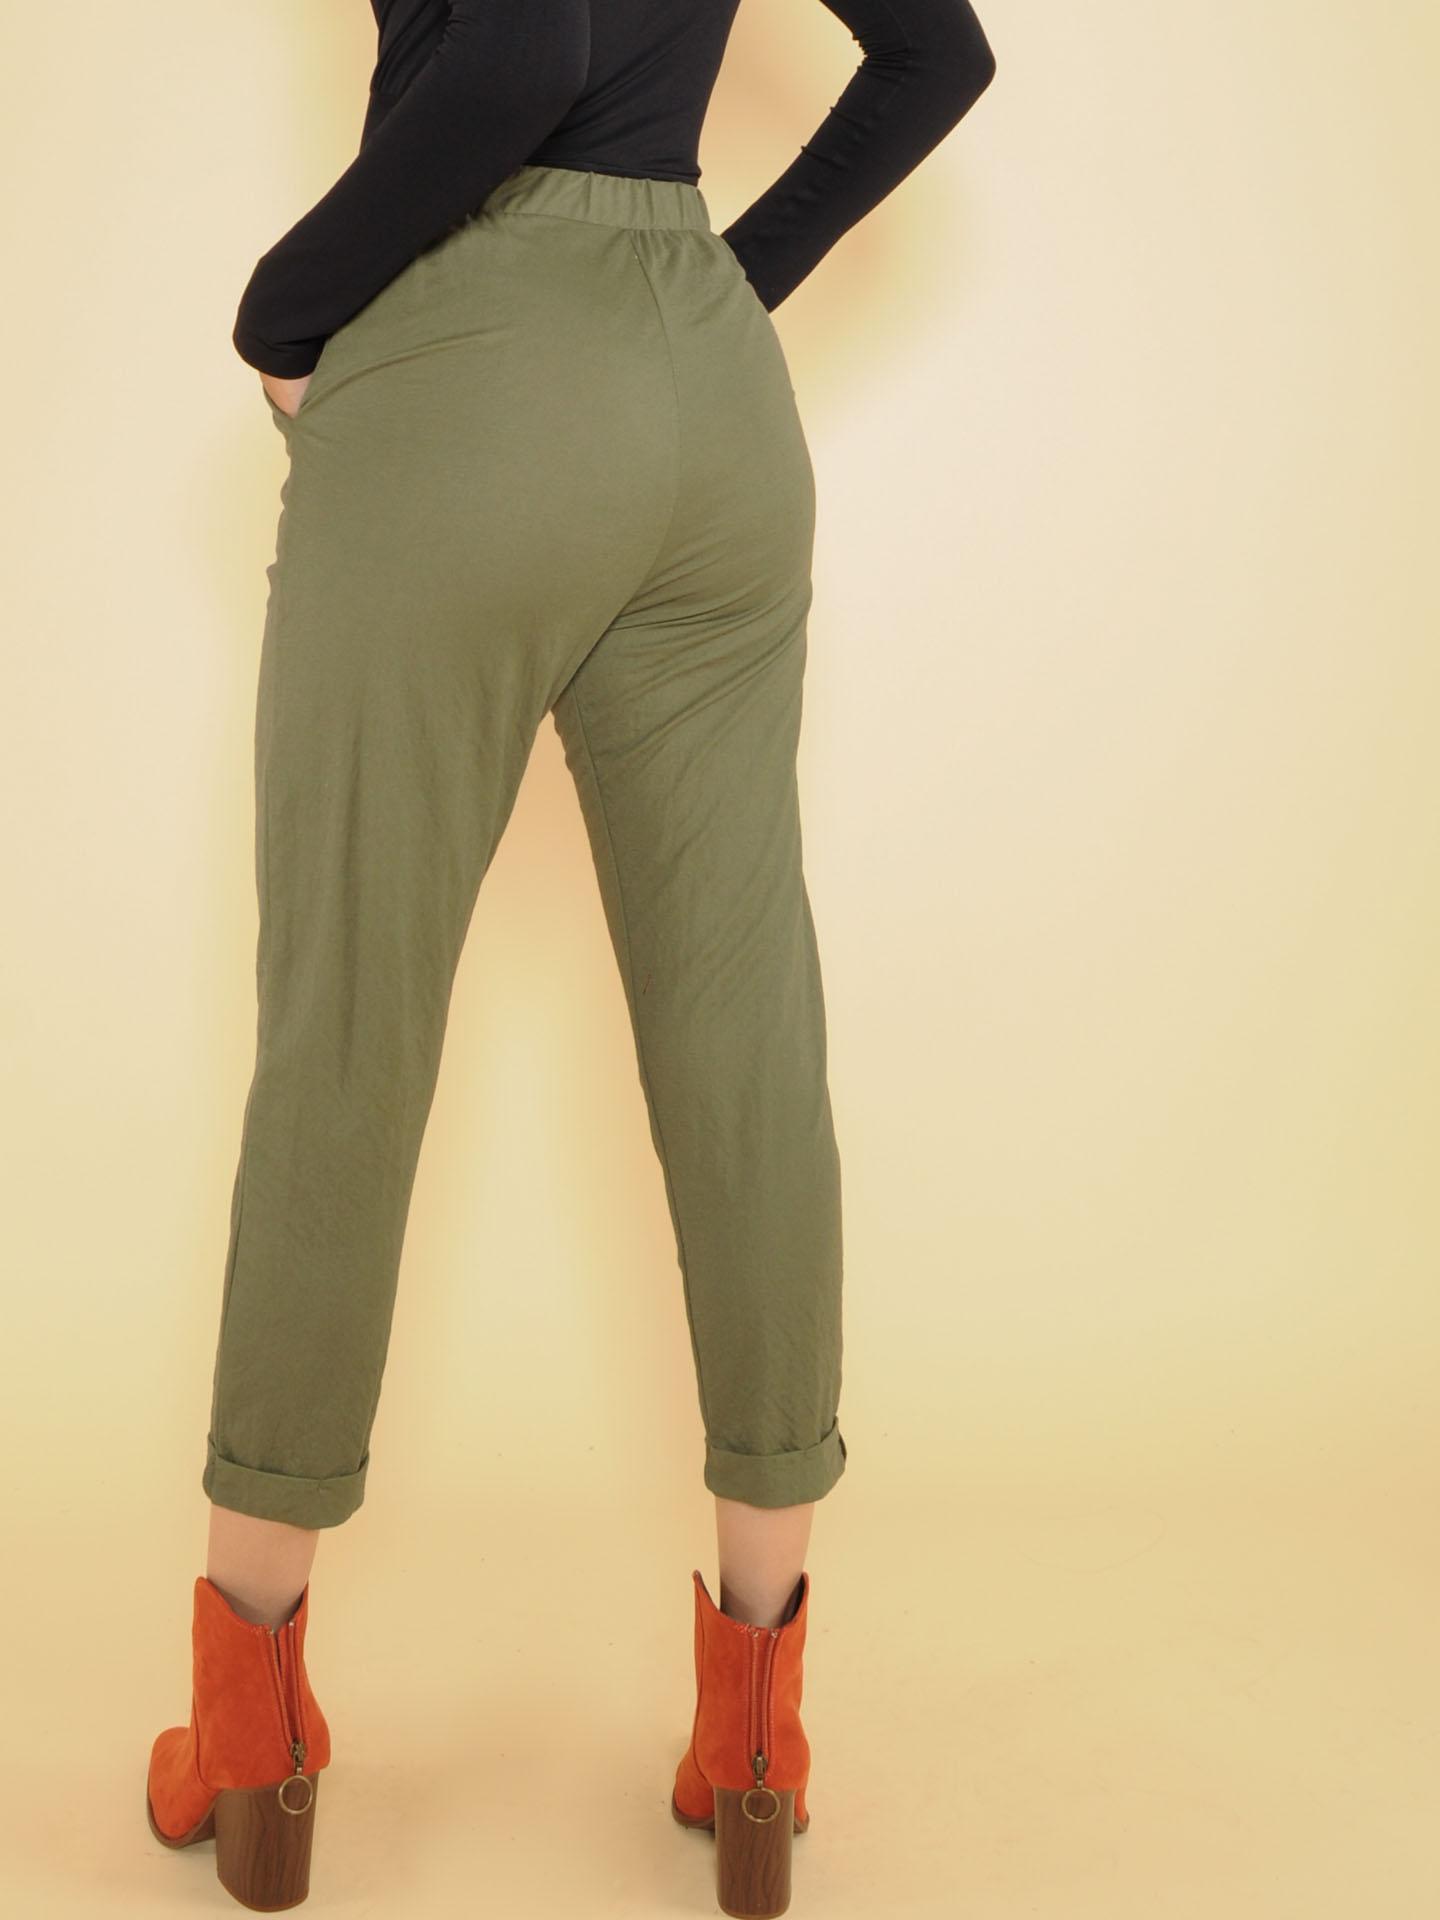 Dexter Pant Comfy Olive Joggers Back